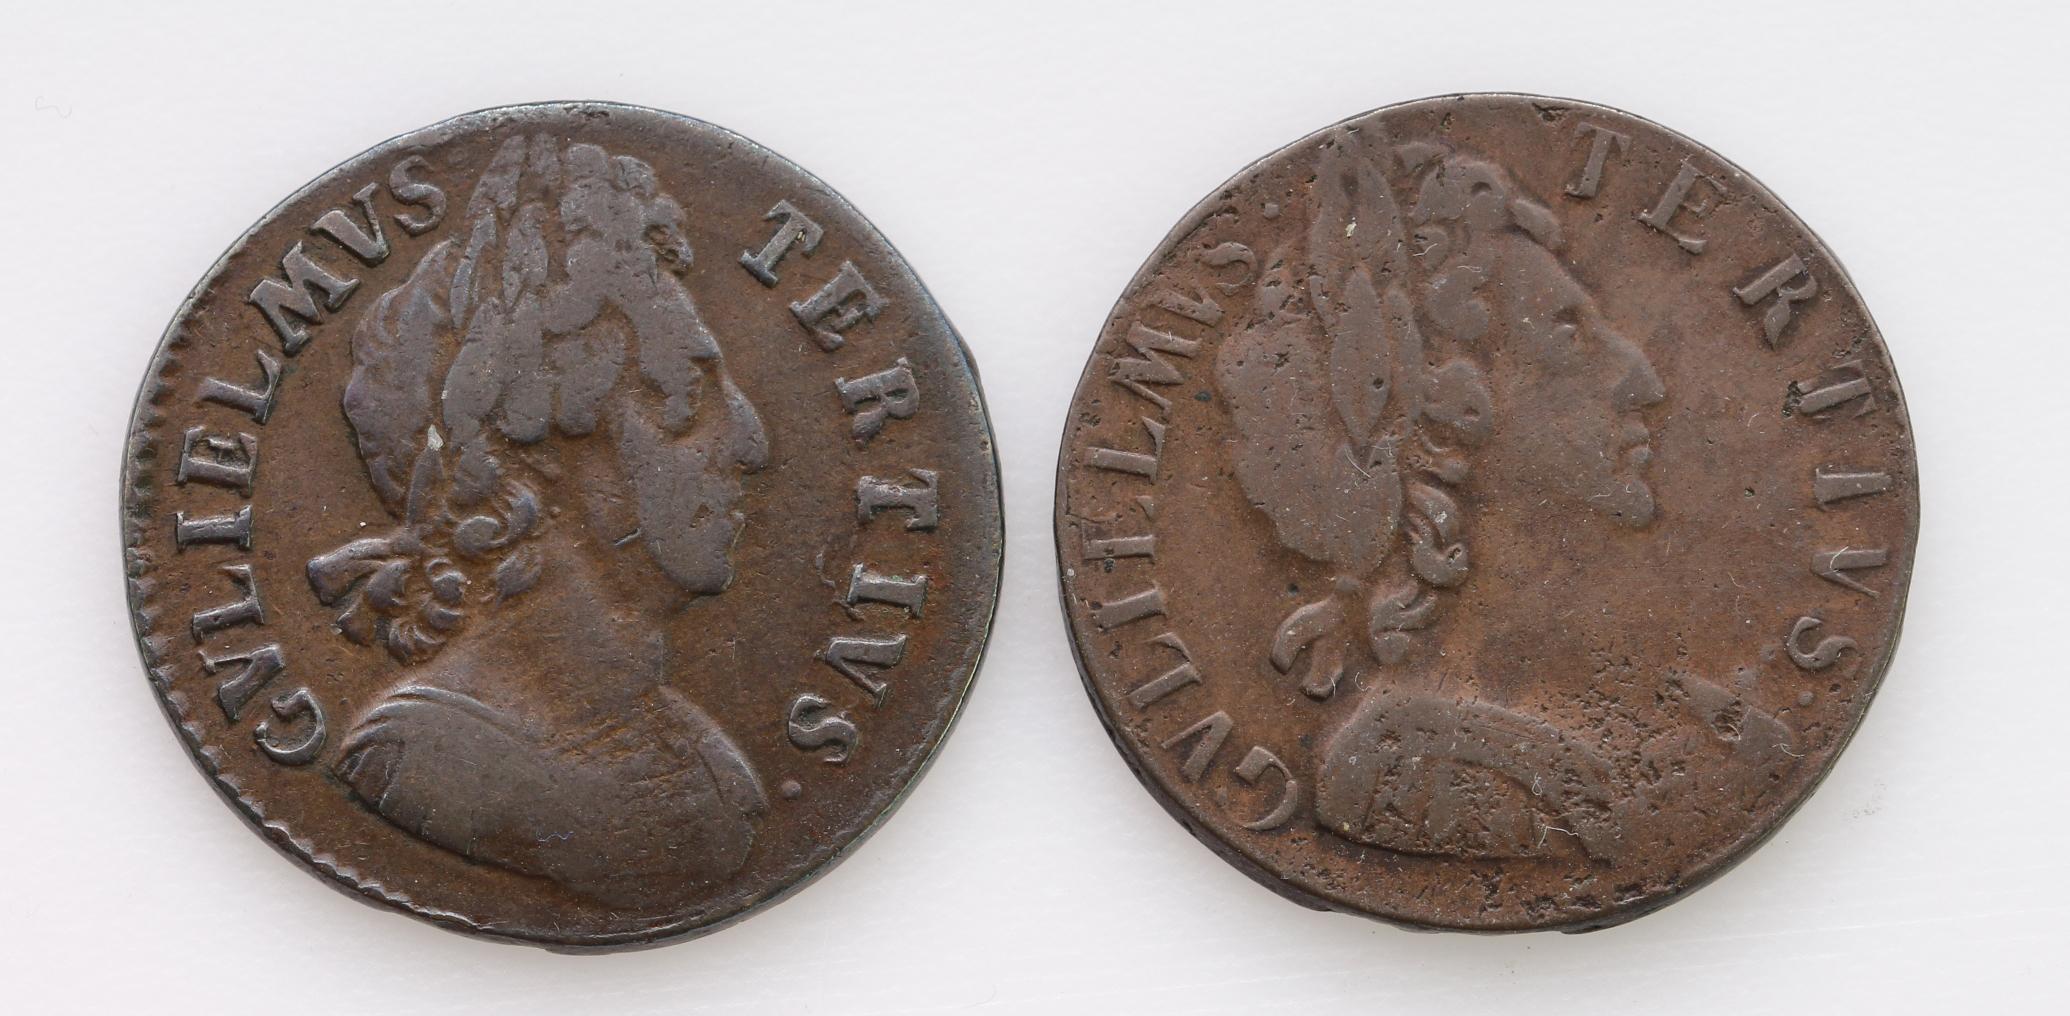 Halfpennies (2) William III: 1698 date in legend, nF, and 1699 date in exergue, Fine.